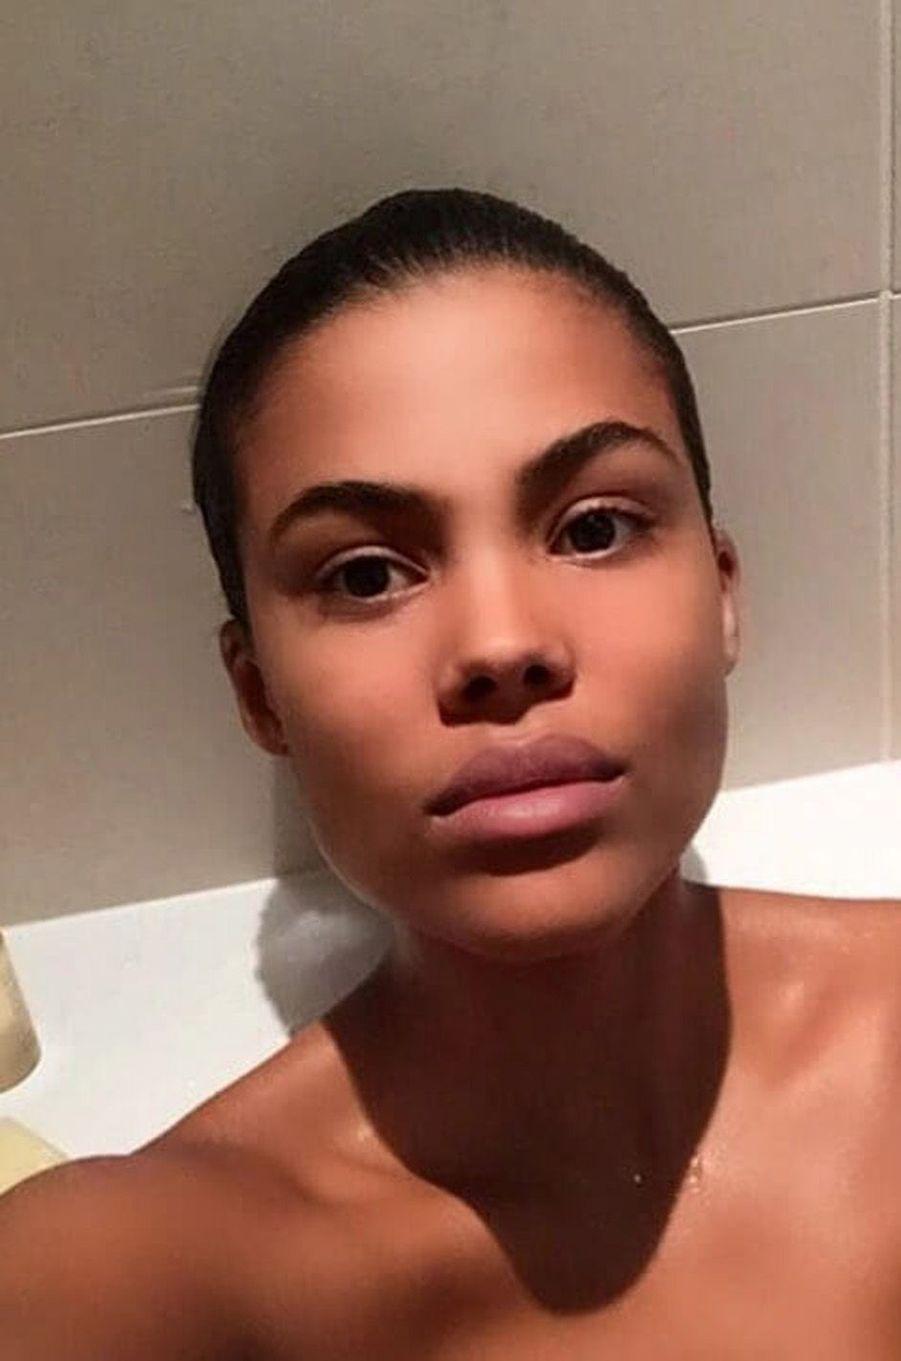 Tina Kunakey dans son bain.